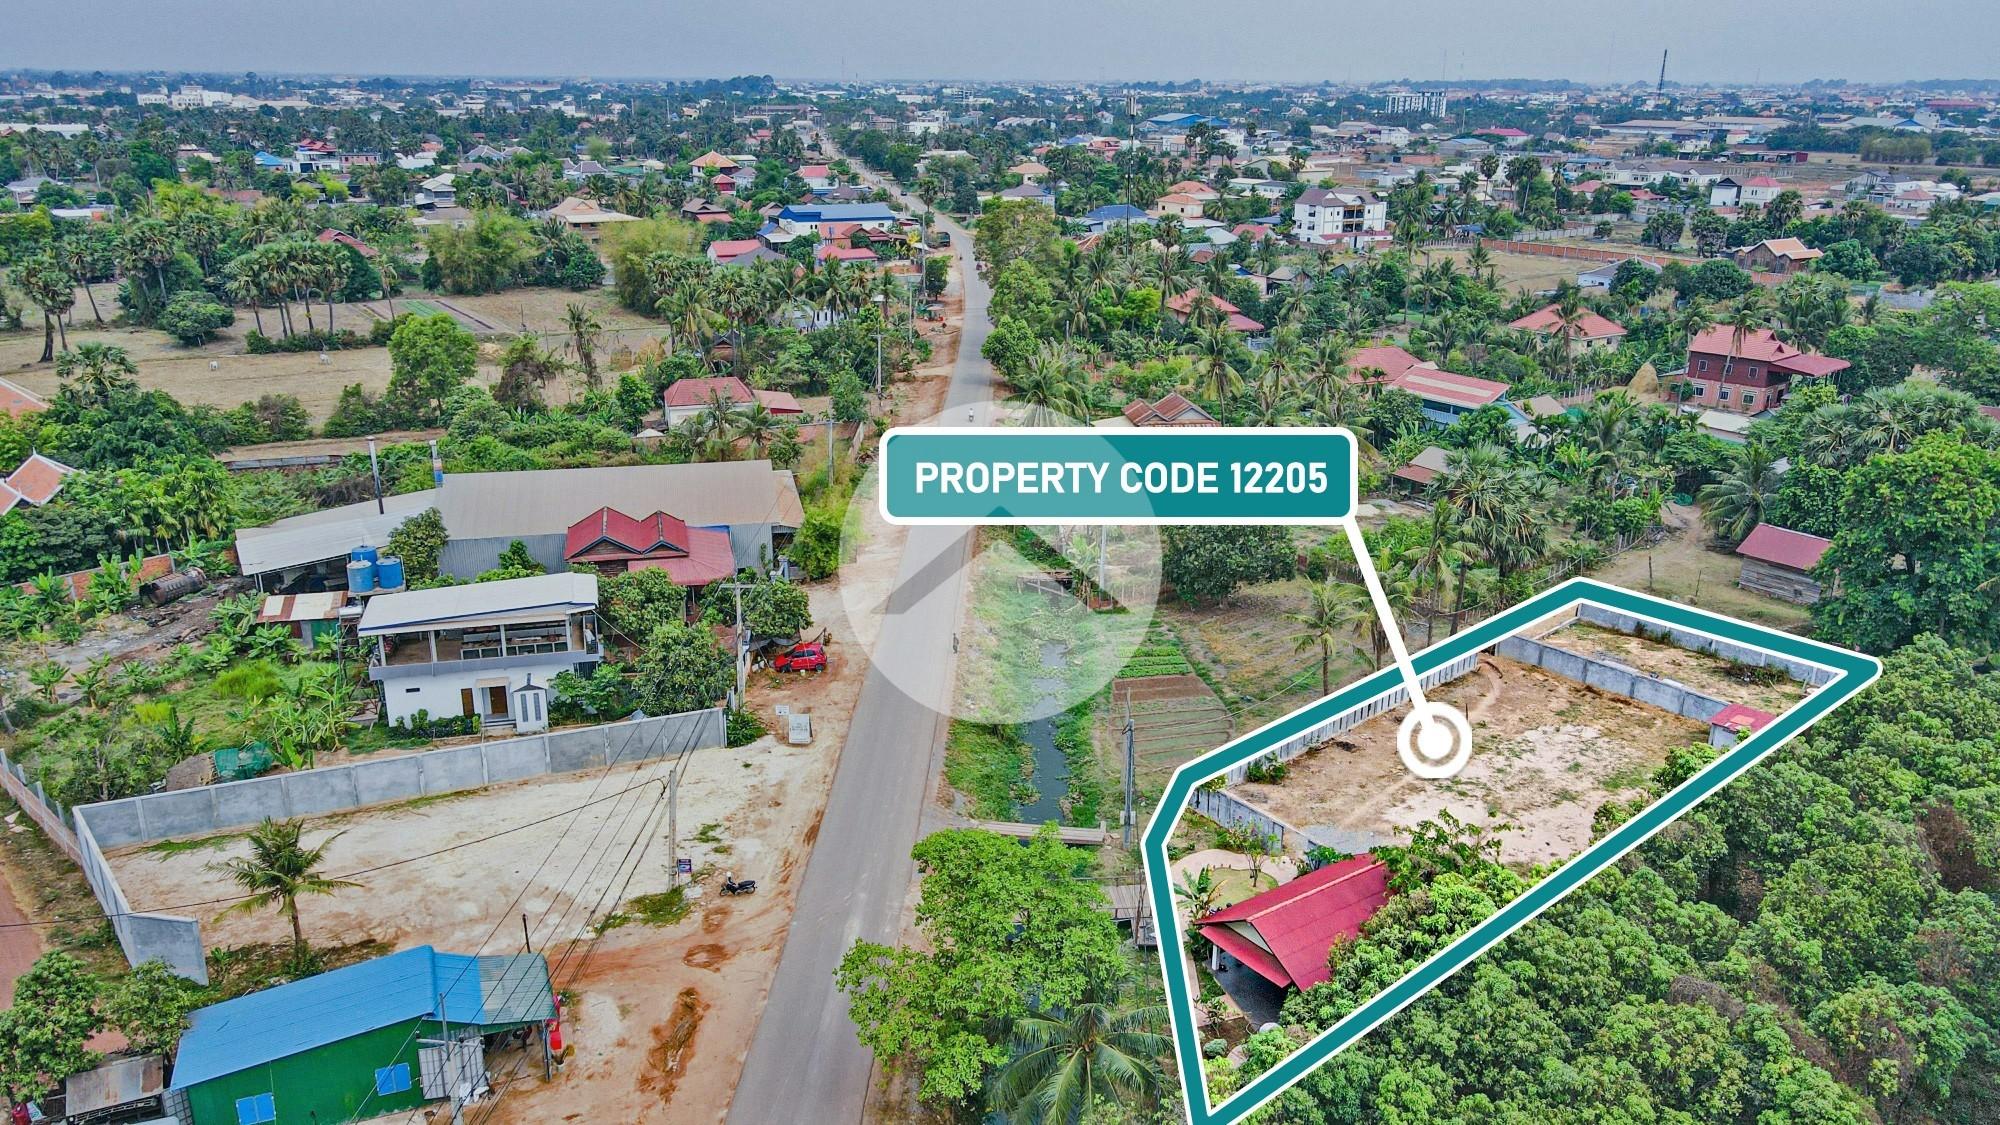 1096 Sqm Residential Land For Sale - Chreav, Siem Reap